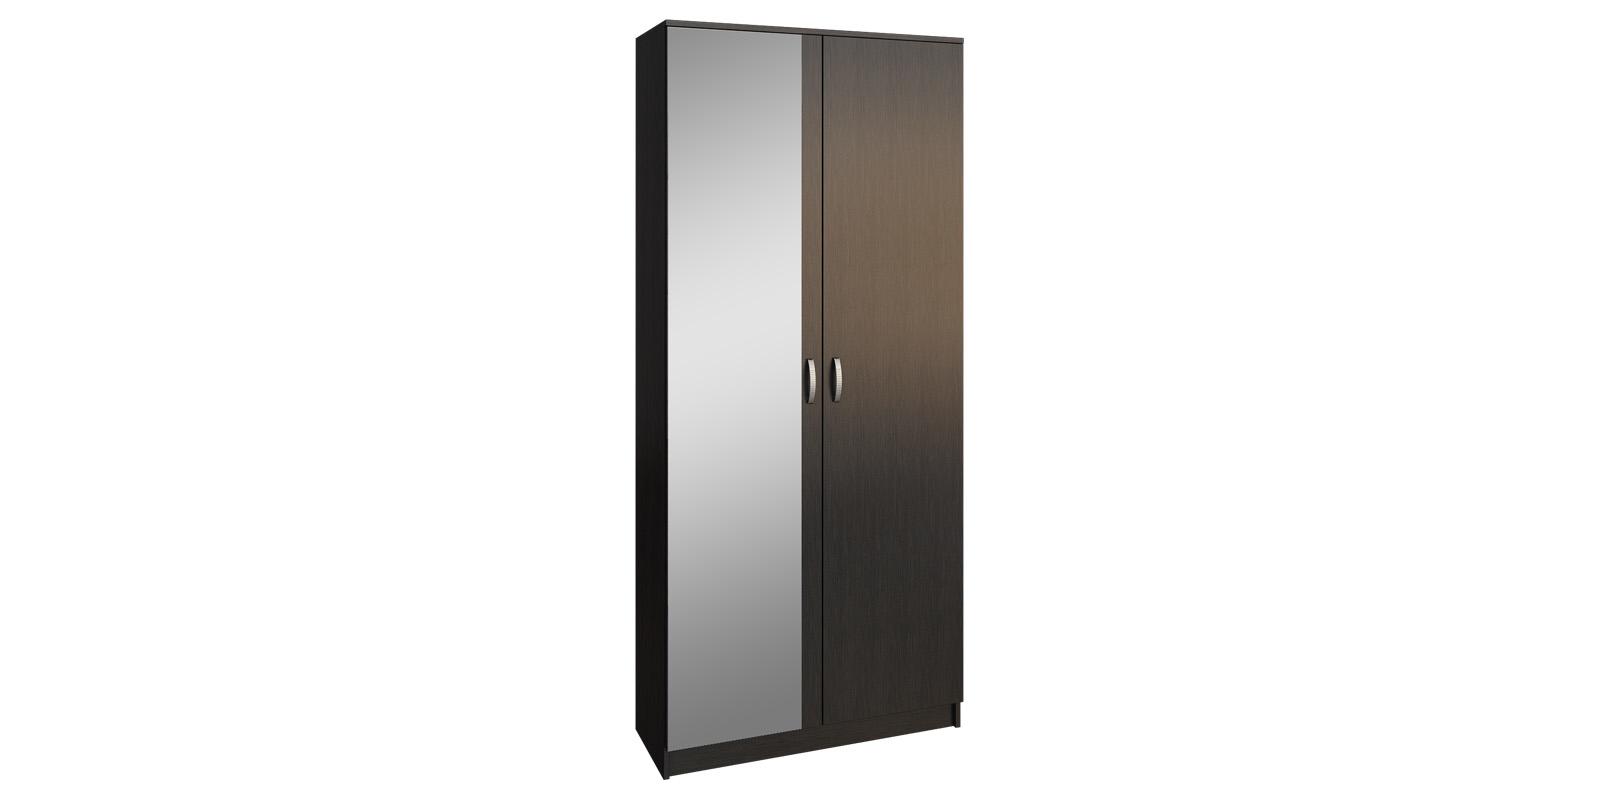 Шкаф распашной двухдверный Хельга вариант №2 (венге)